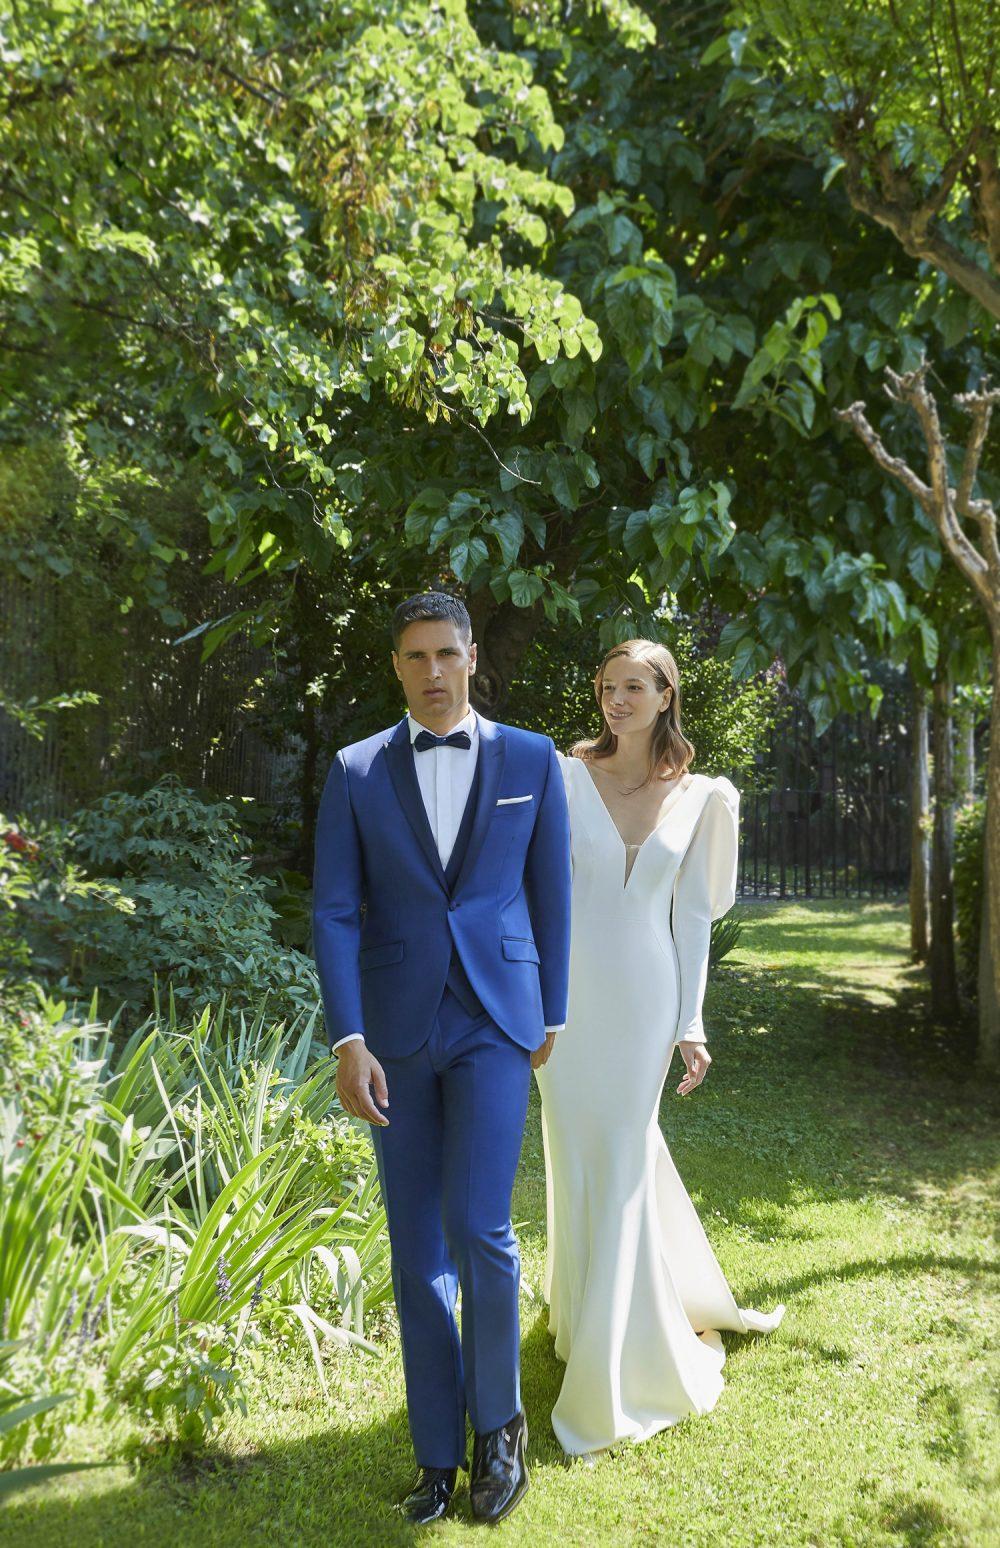 Abito vestito da sposo Thomas Pina 2021 a Vicenza